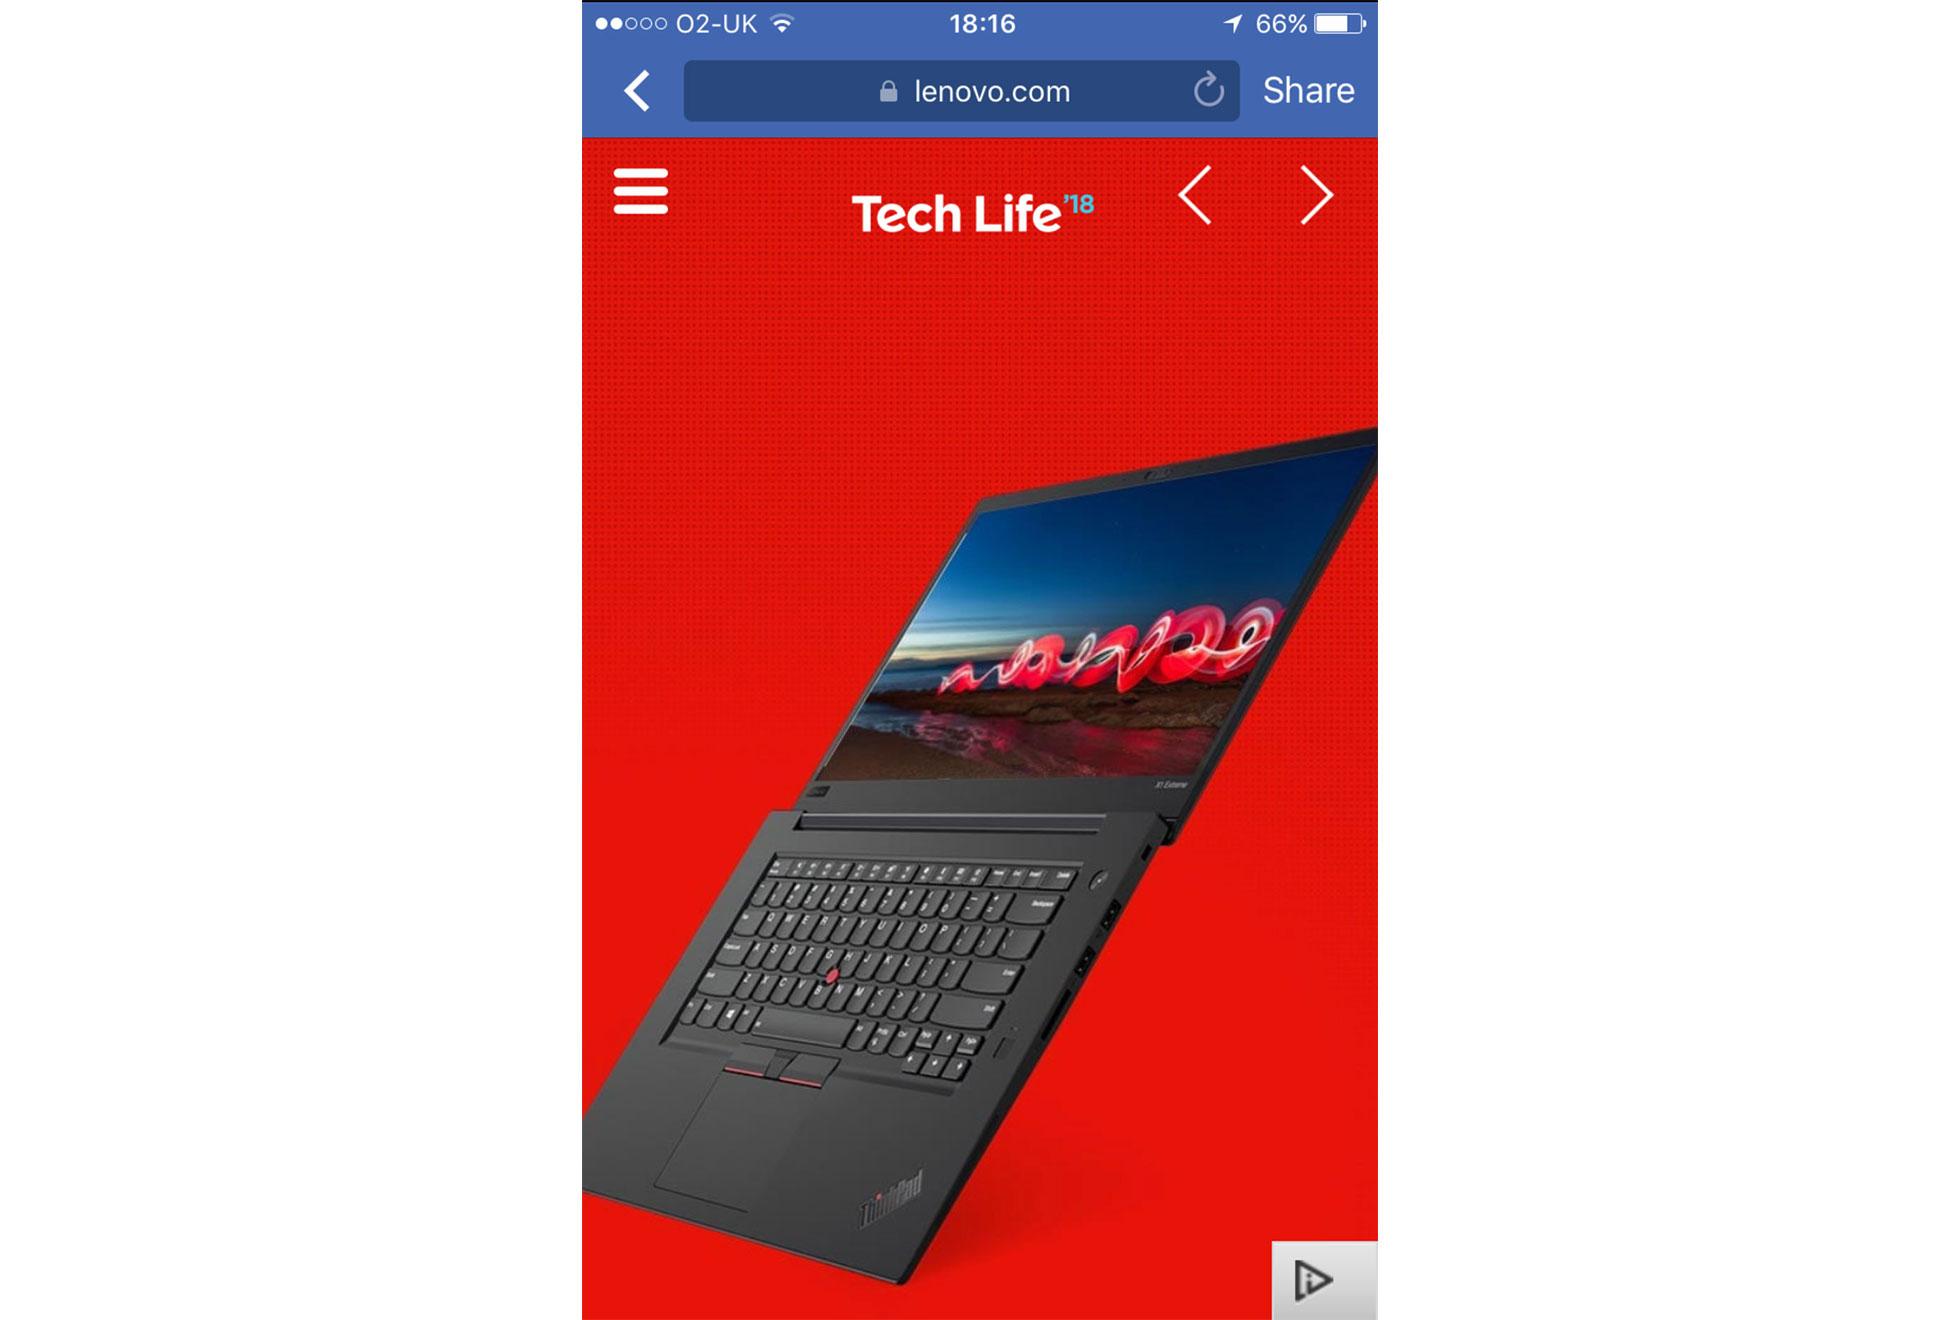 Lenovo-Light-Painting-Backgrounds-by-Sola-Lightbombing-Lenovo-X1-TechLife